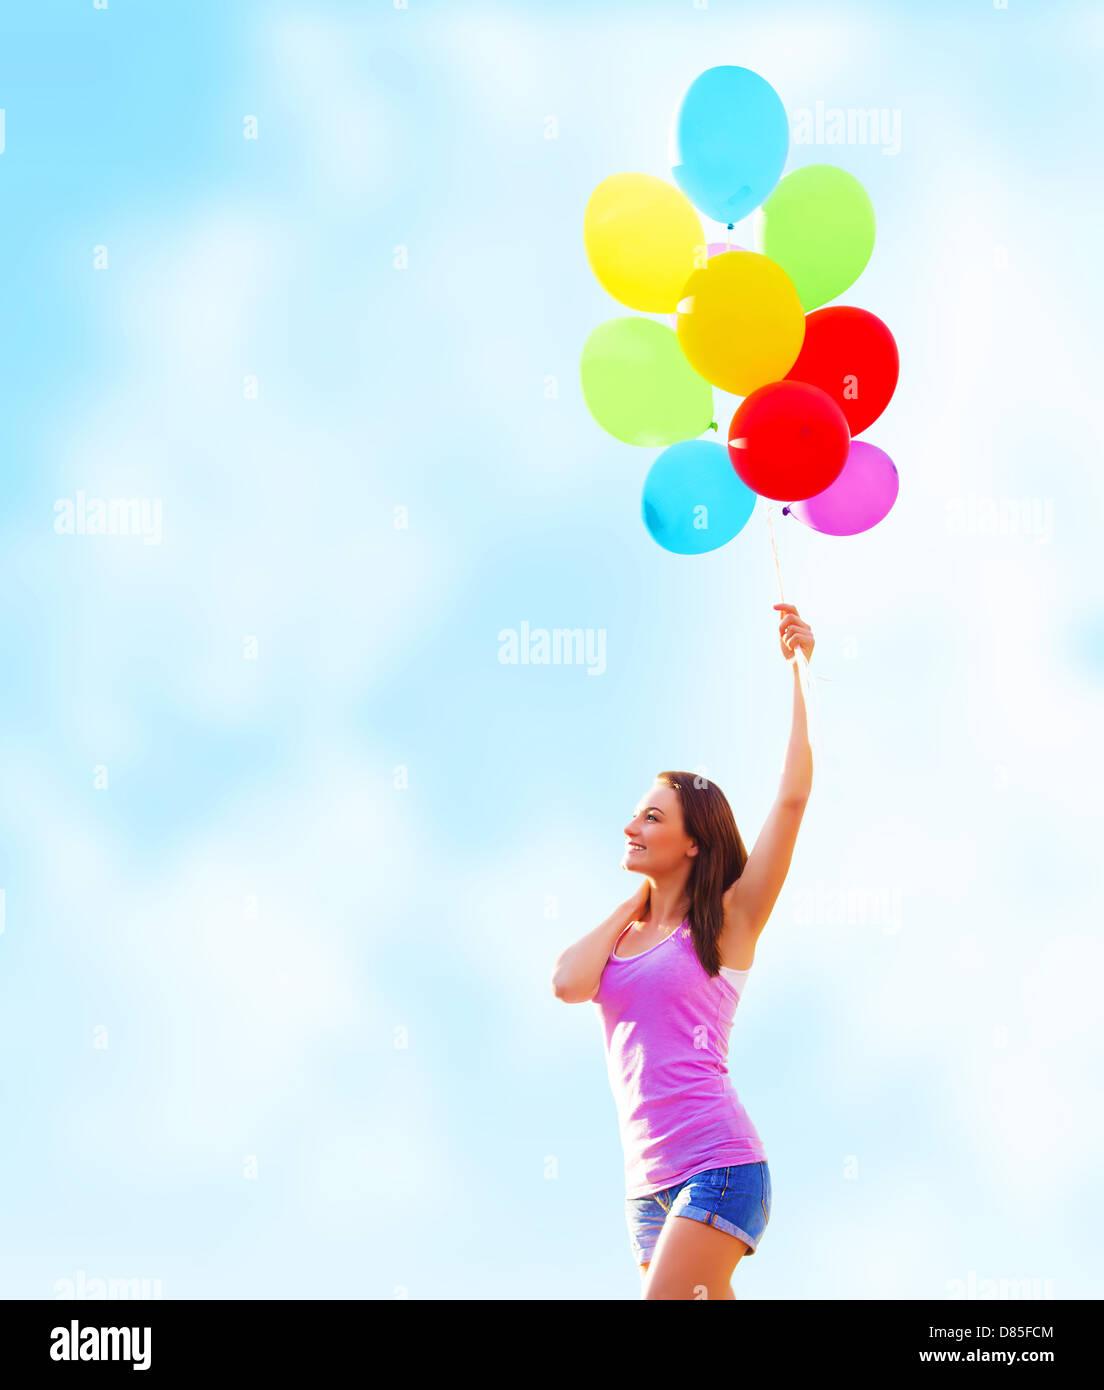 Bella giovane donna tenendo in mano molti palloncini colorati sul cielo azzurro sfondo, estate vacanze, concetto Immagini Stock